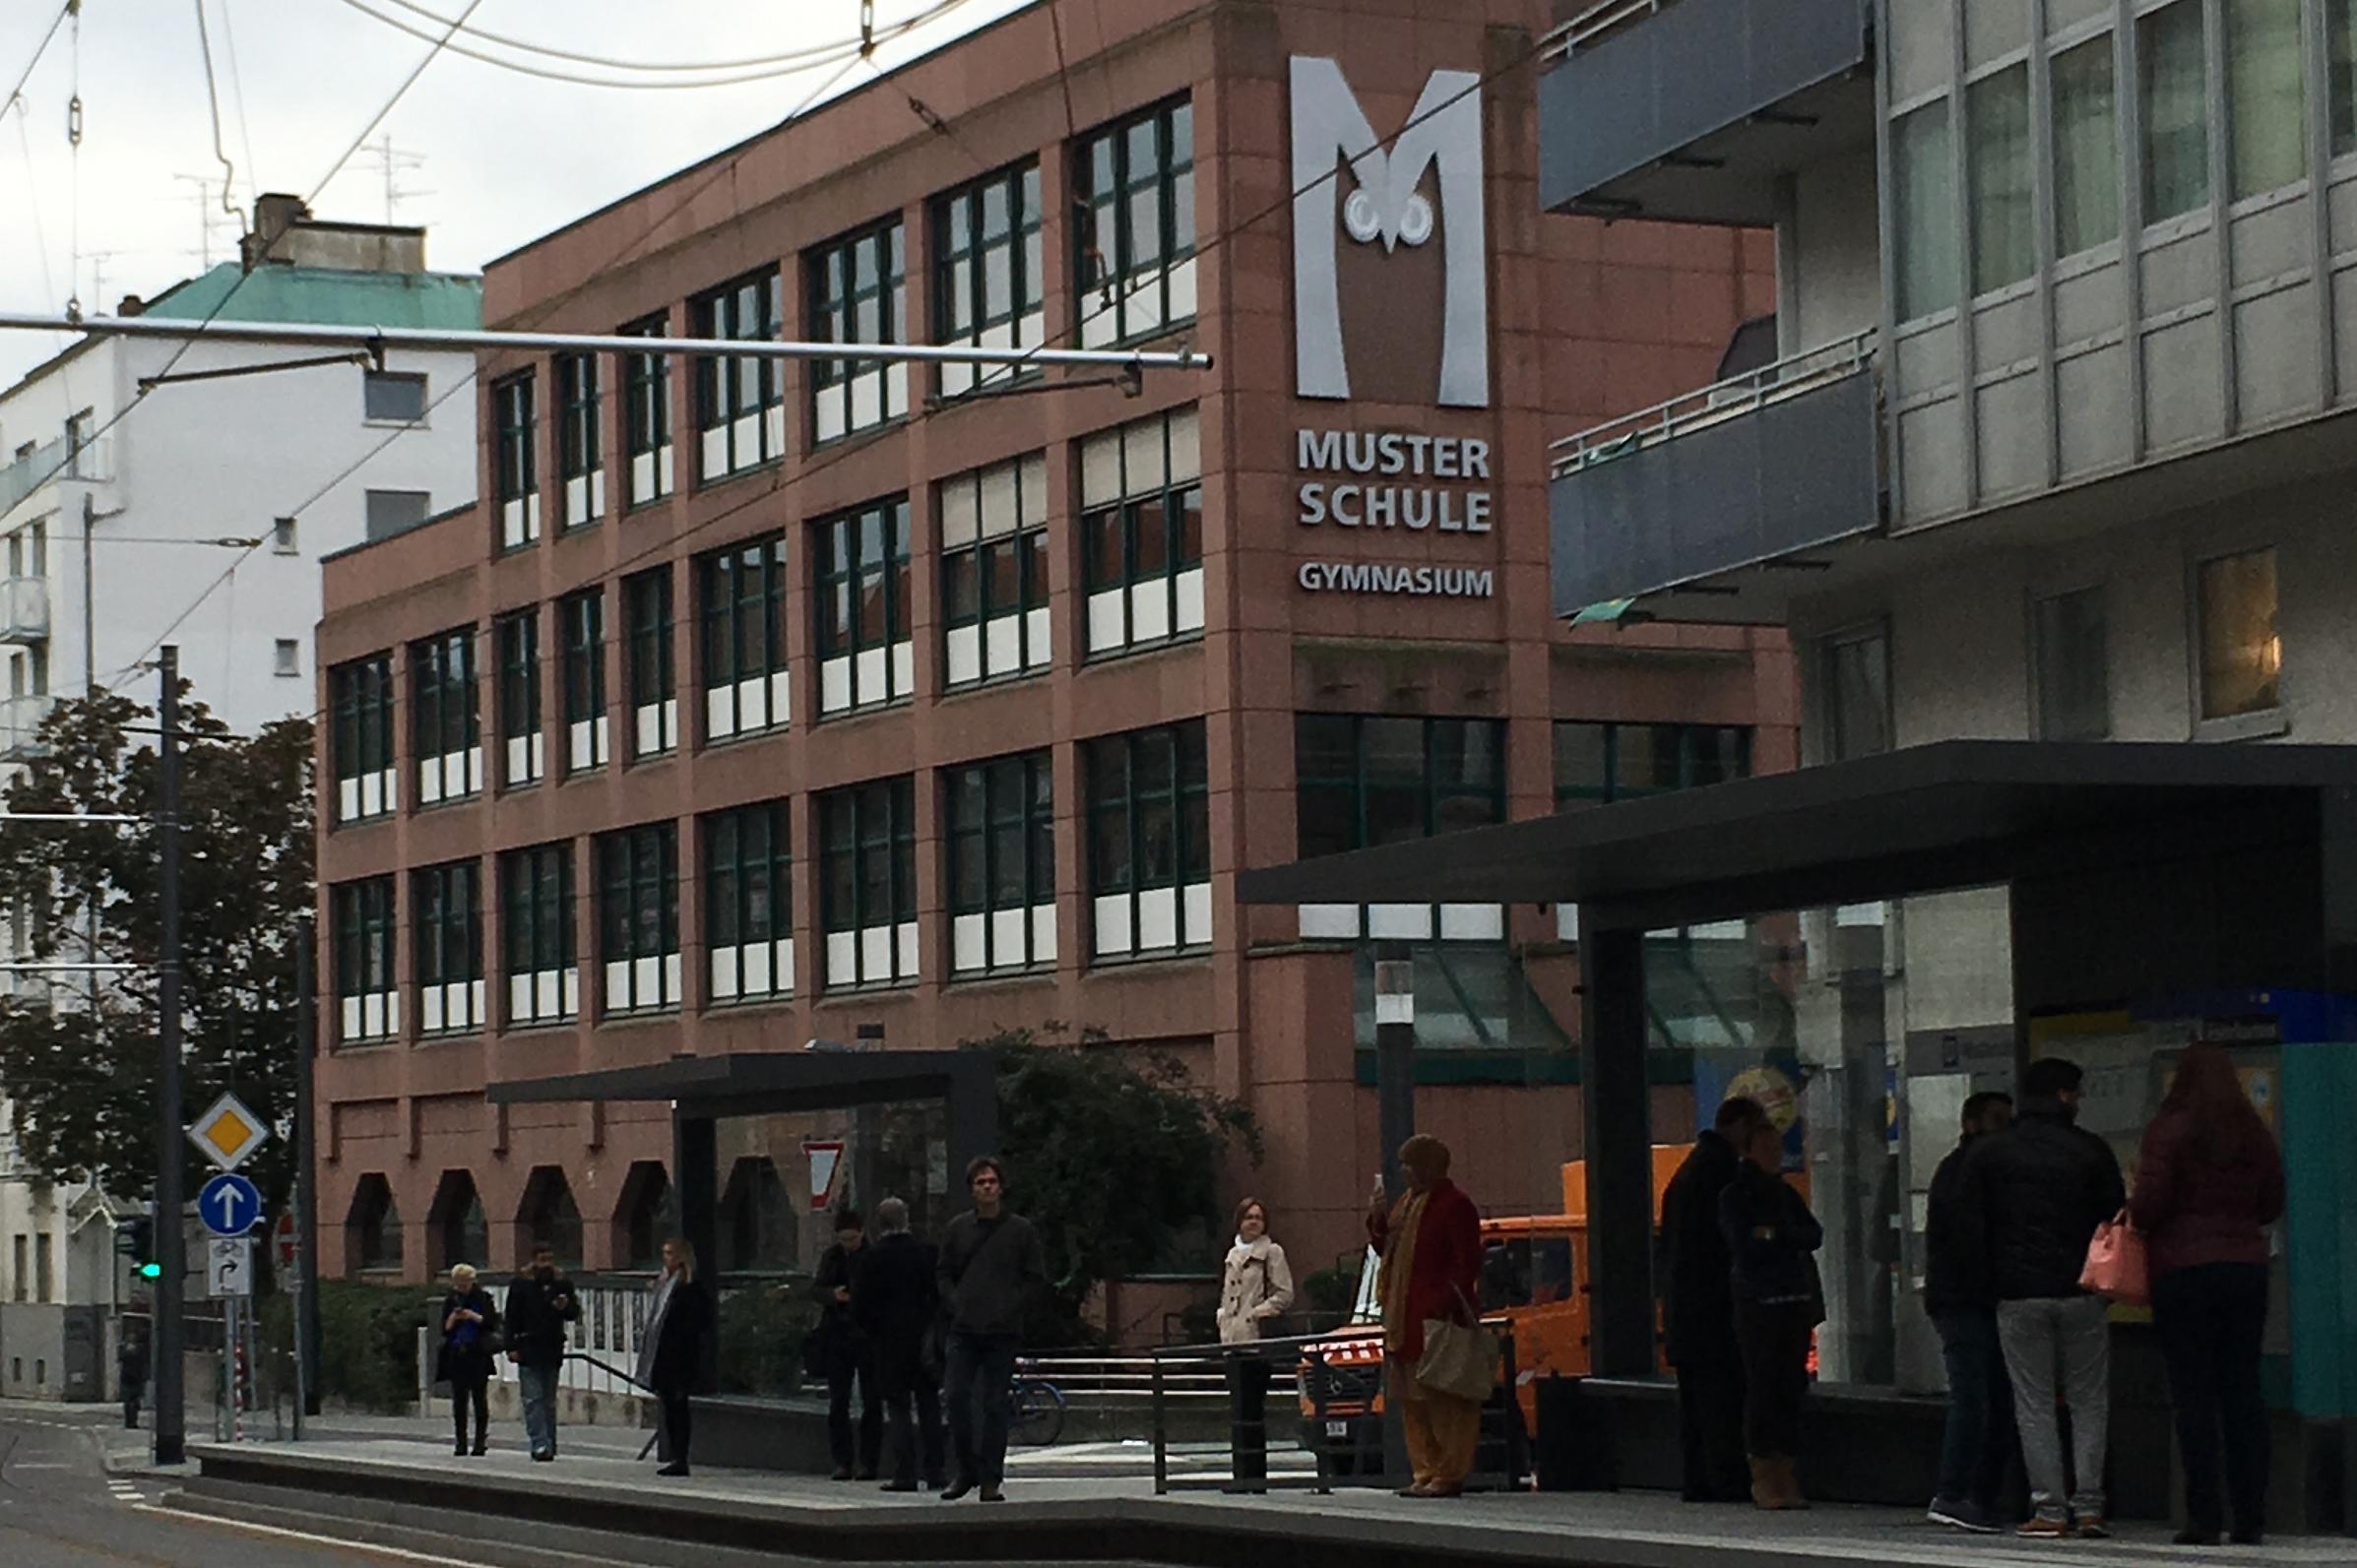 Die Musterschule an der Ecke Eckenheimer Landstraße/ Oberweg seit 2017